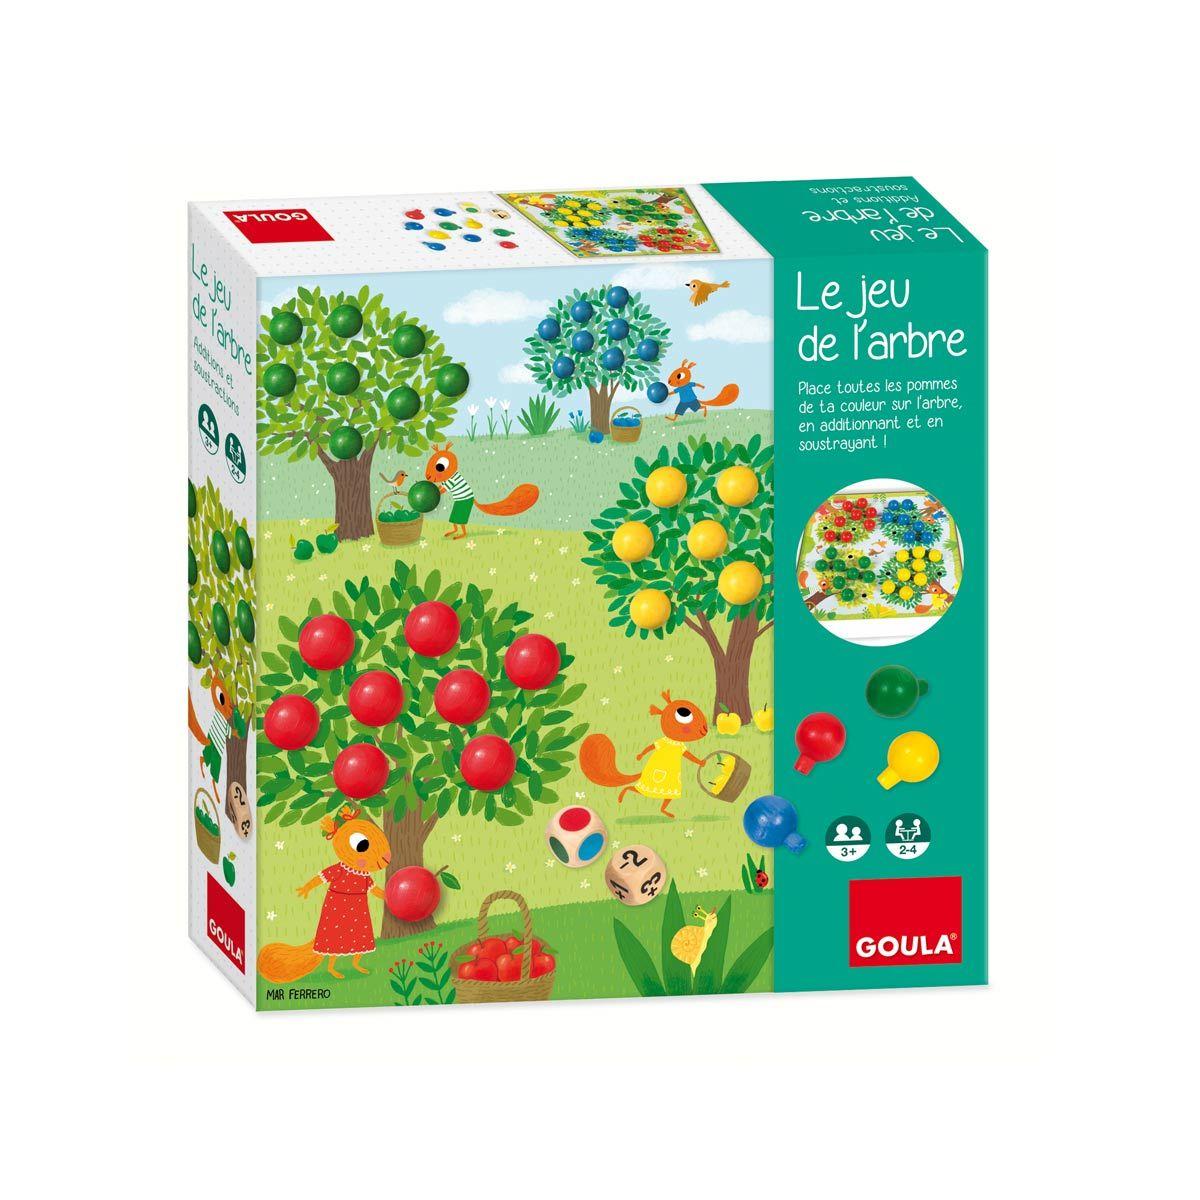 Le Jeu De L'arbre Goula | Jeux Enfant 4 Ans, Jeux Et Jeux Eveil destiné Jeux Bebe 3 Ans